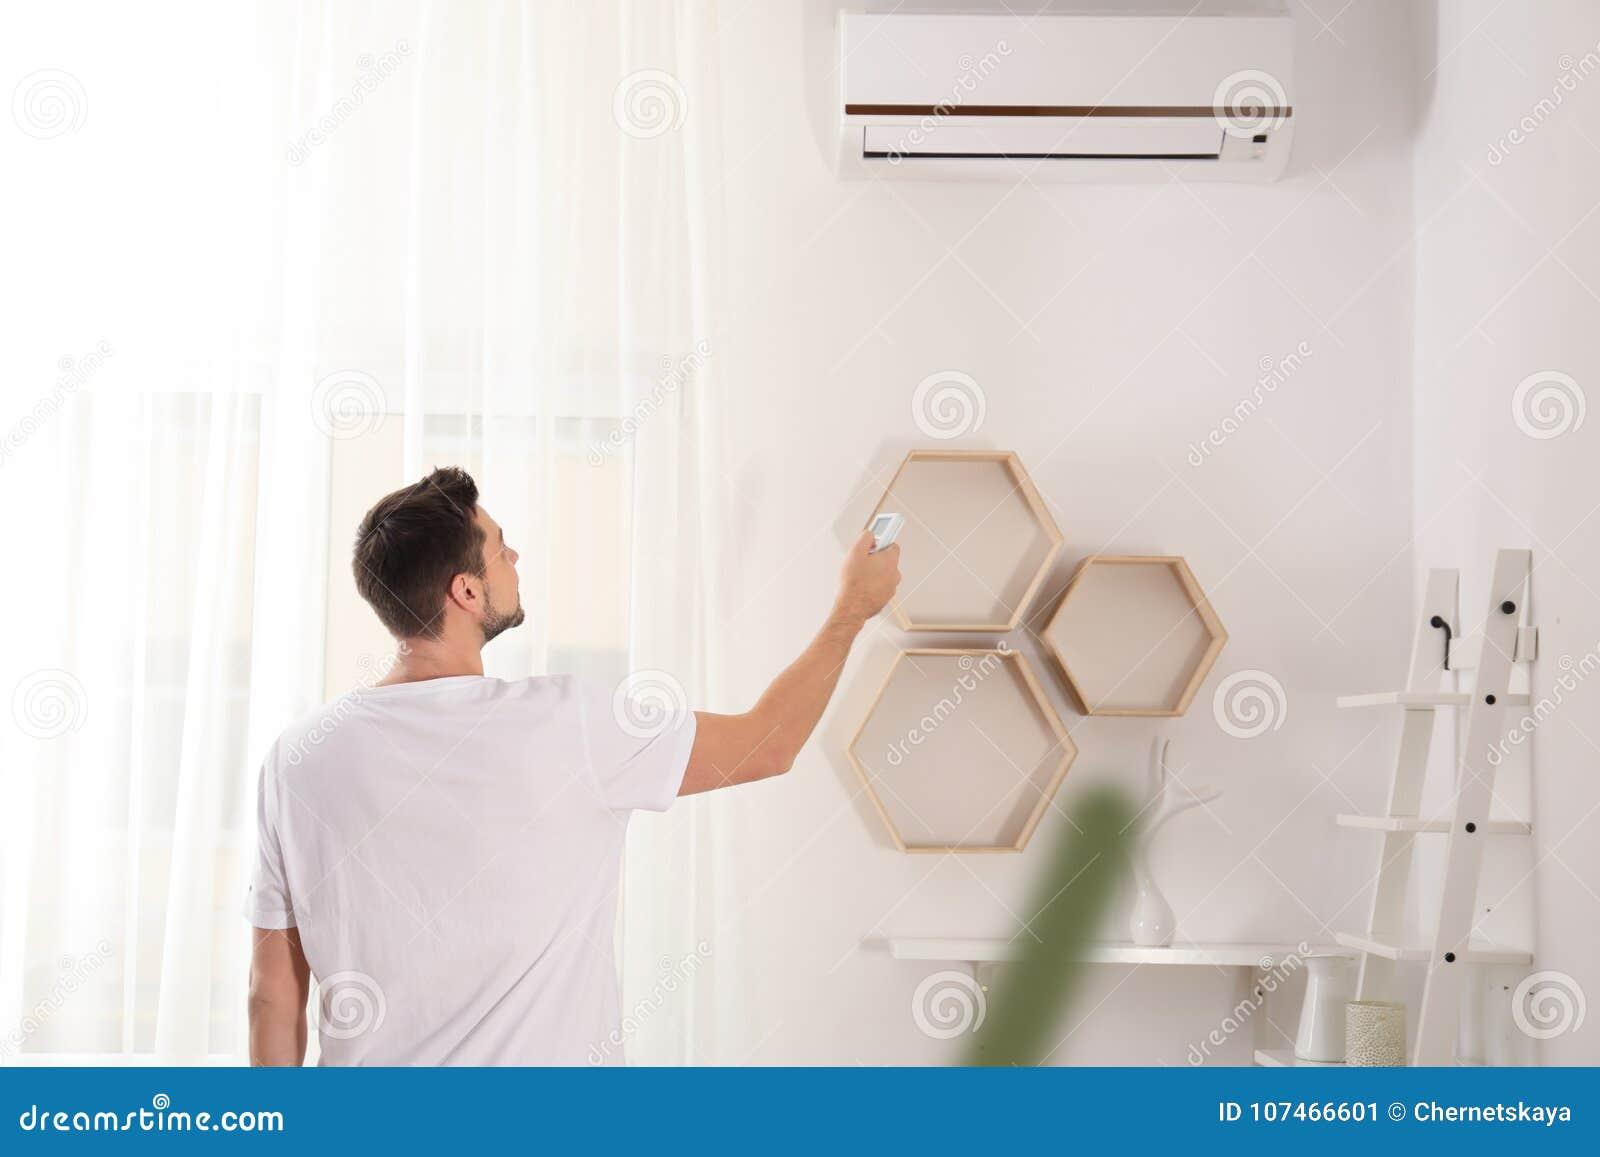 Interruptor considerável do homem no condicionador de ar